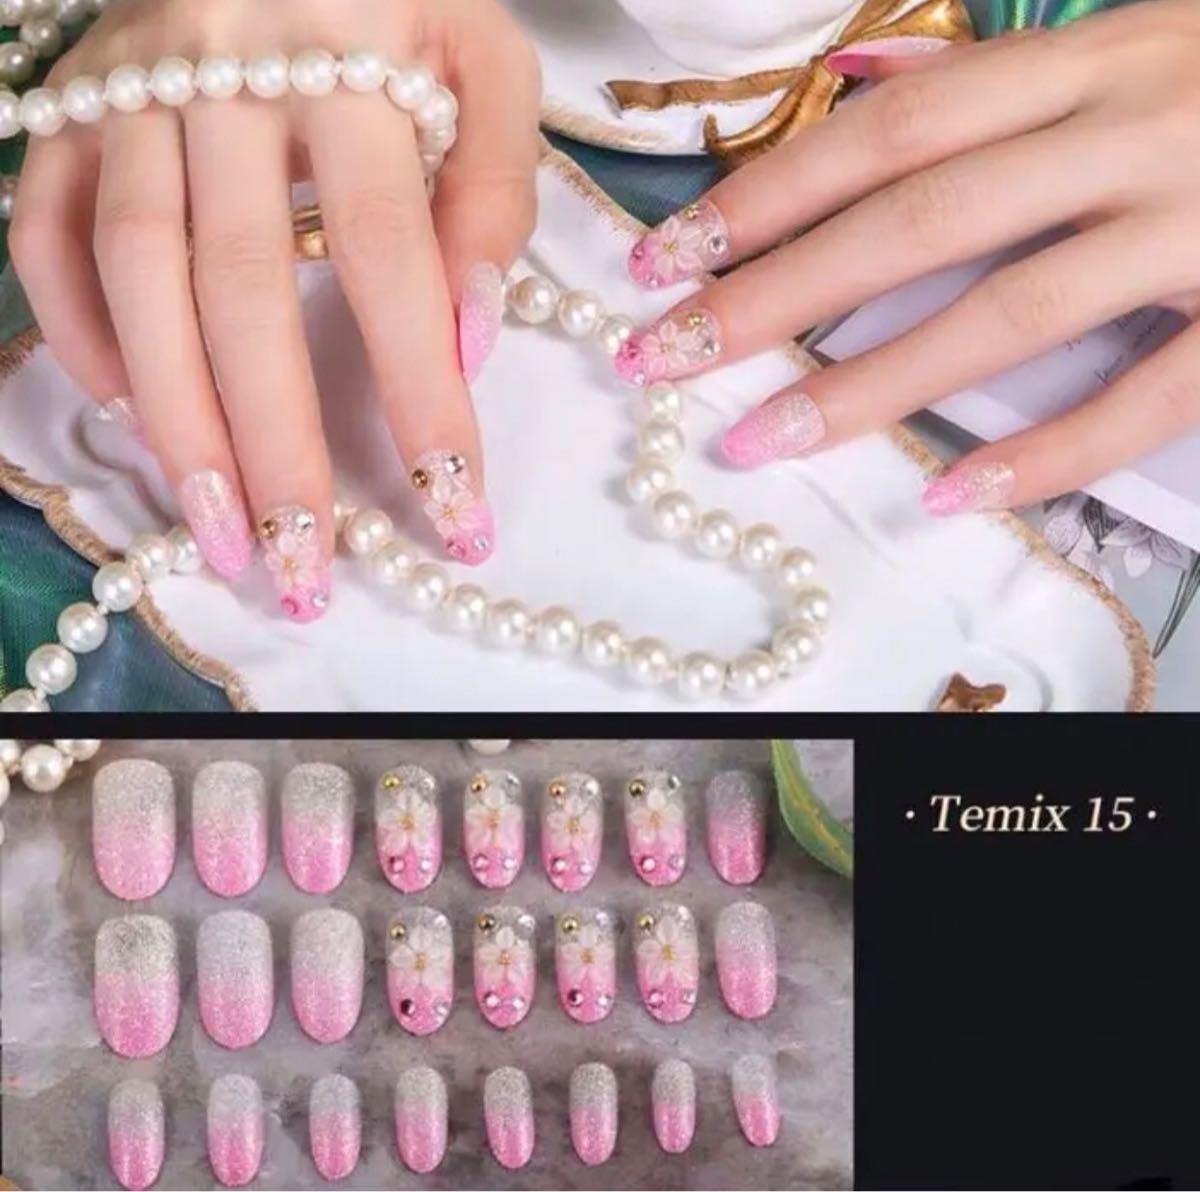 ピンクとミルクカラーのニュアンスちぐはぐ ネイルチップ ジェルネイル24枚